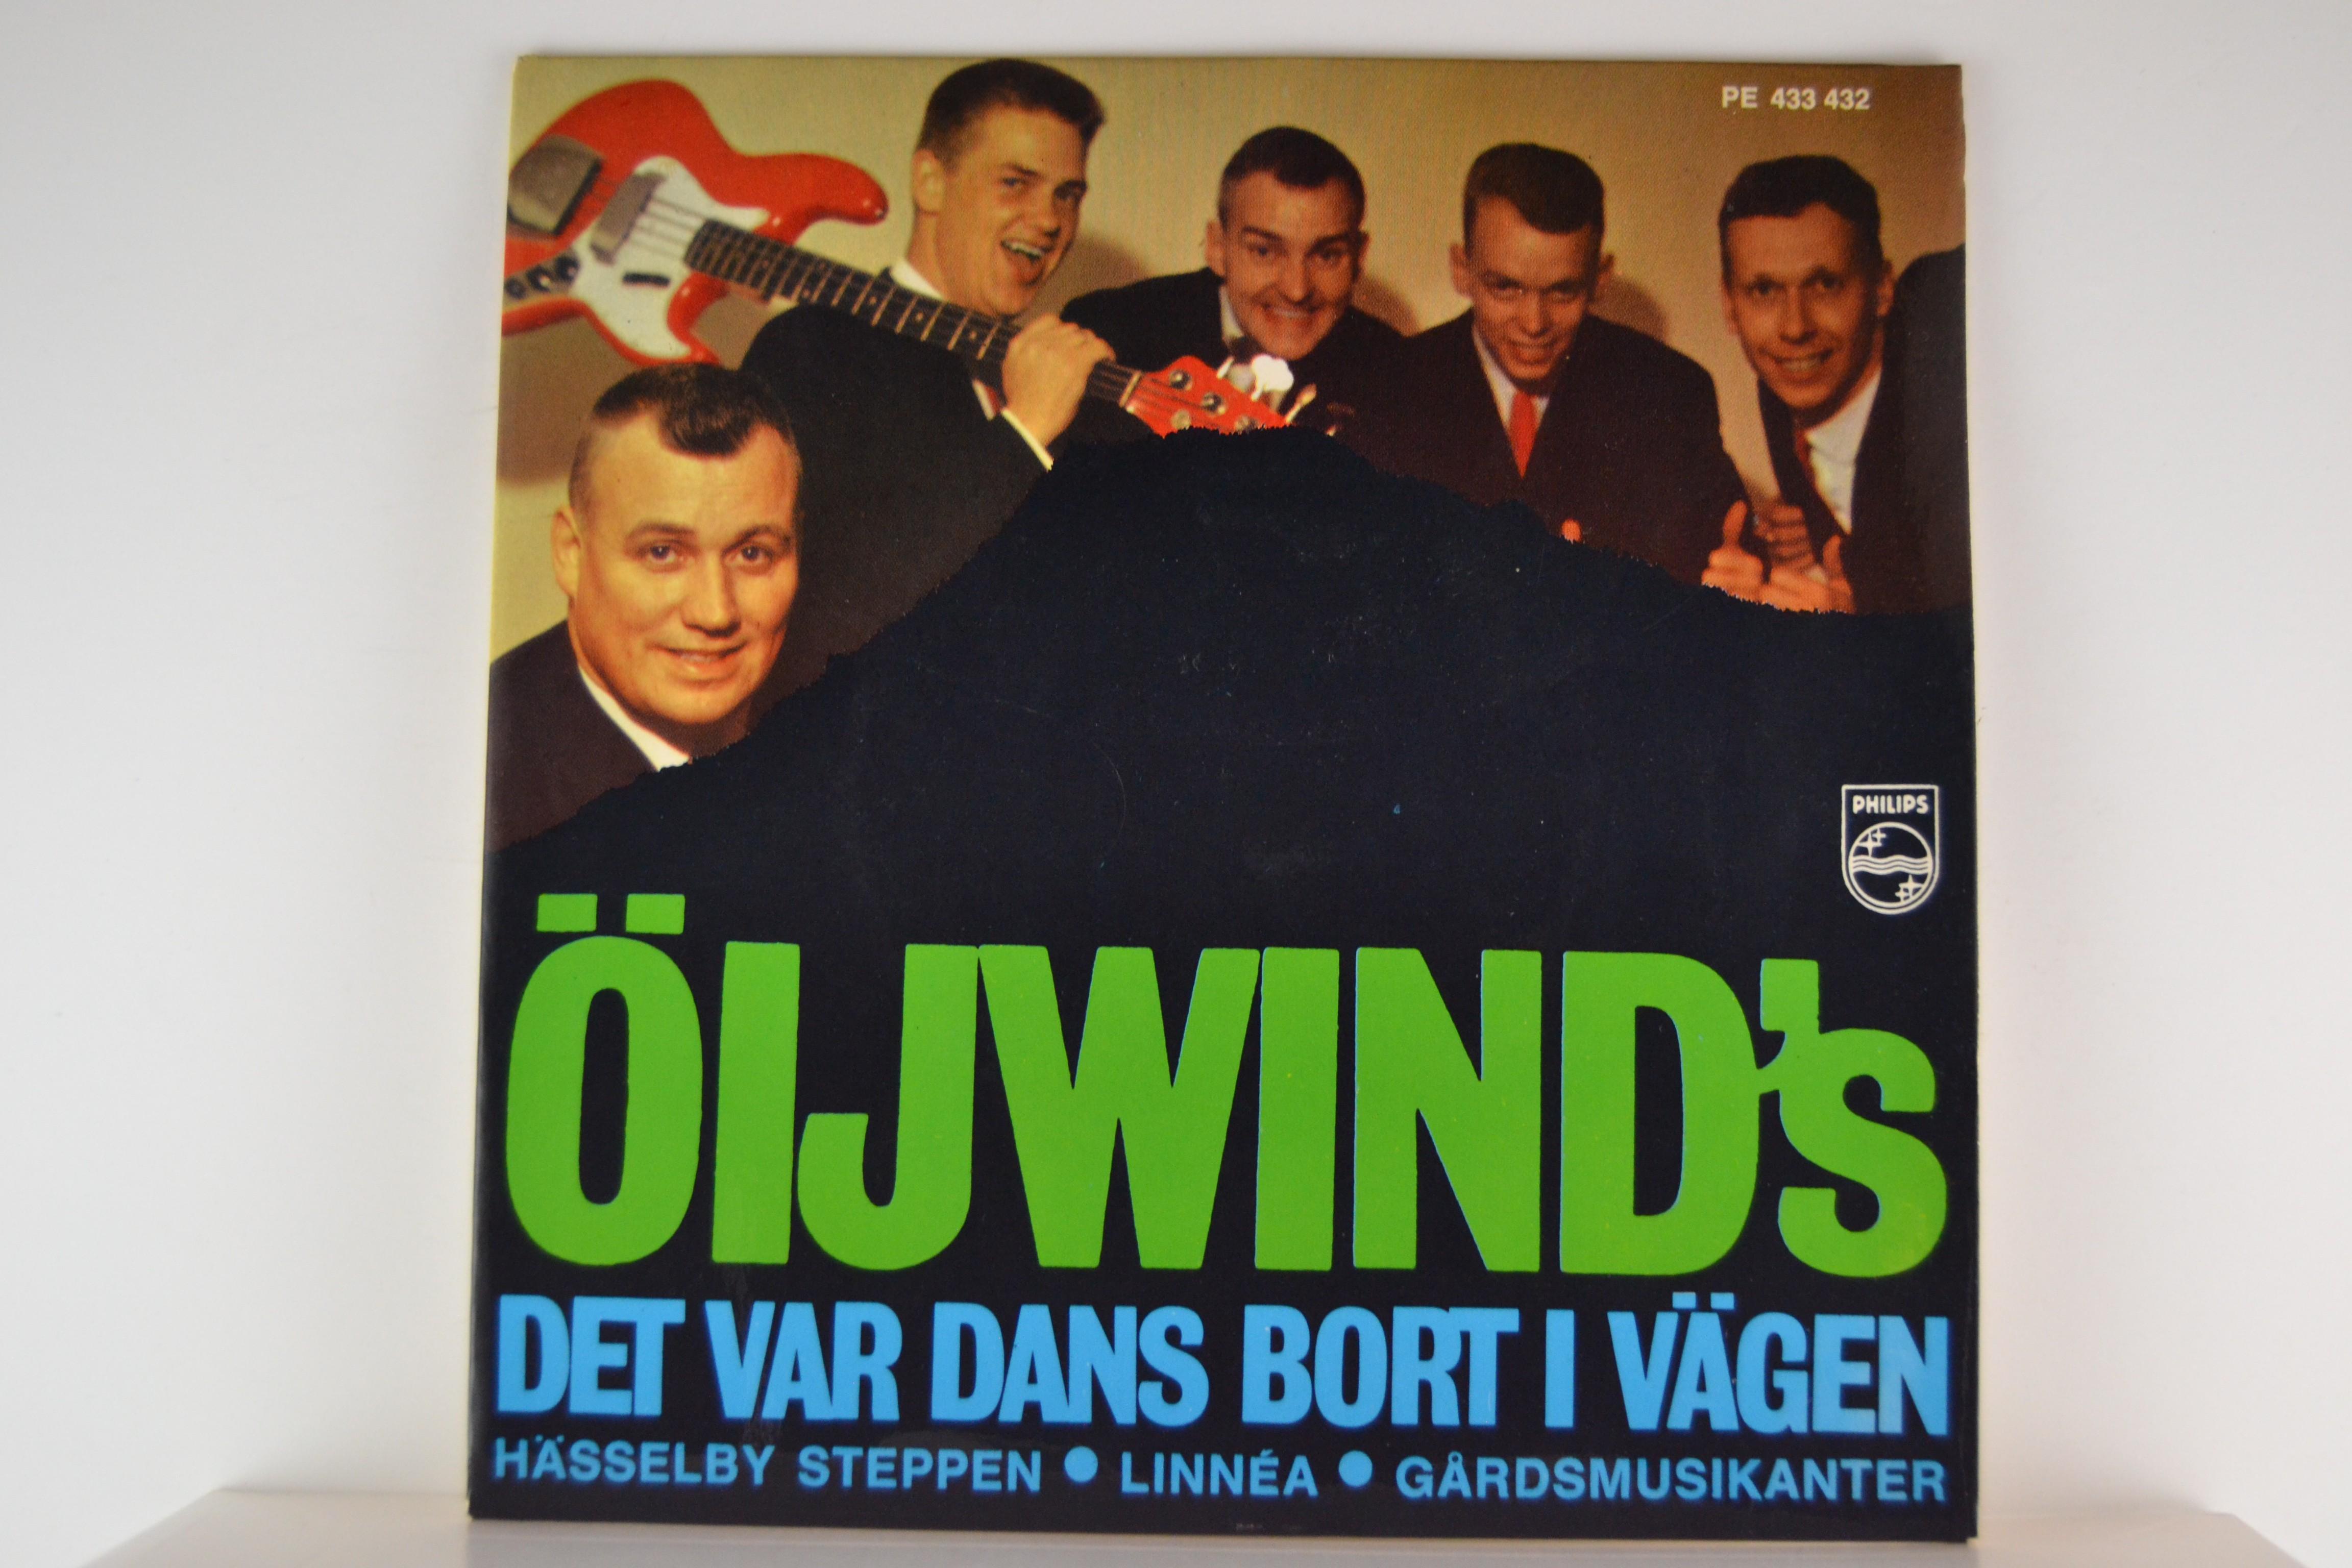 ÖIJWIND'S : (EP) Det var dans bort i vägen / Hässelby steppen / Linnéa / Gårdsmusikanter